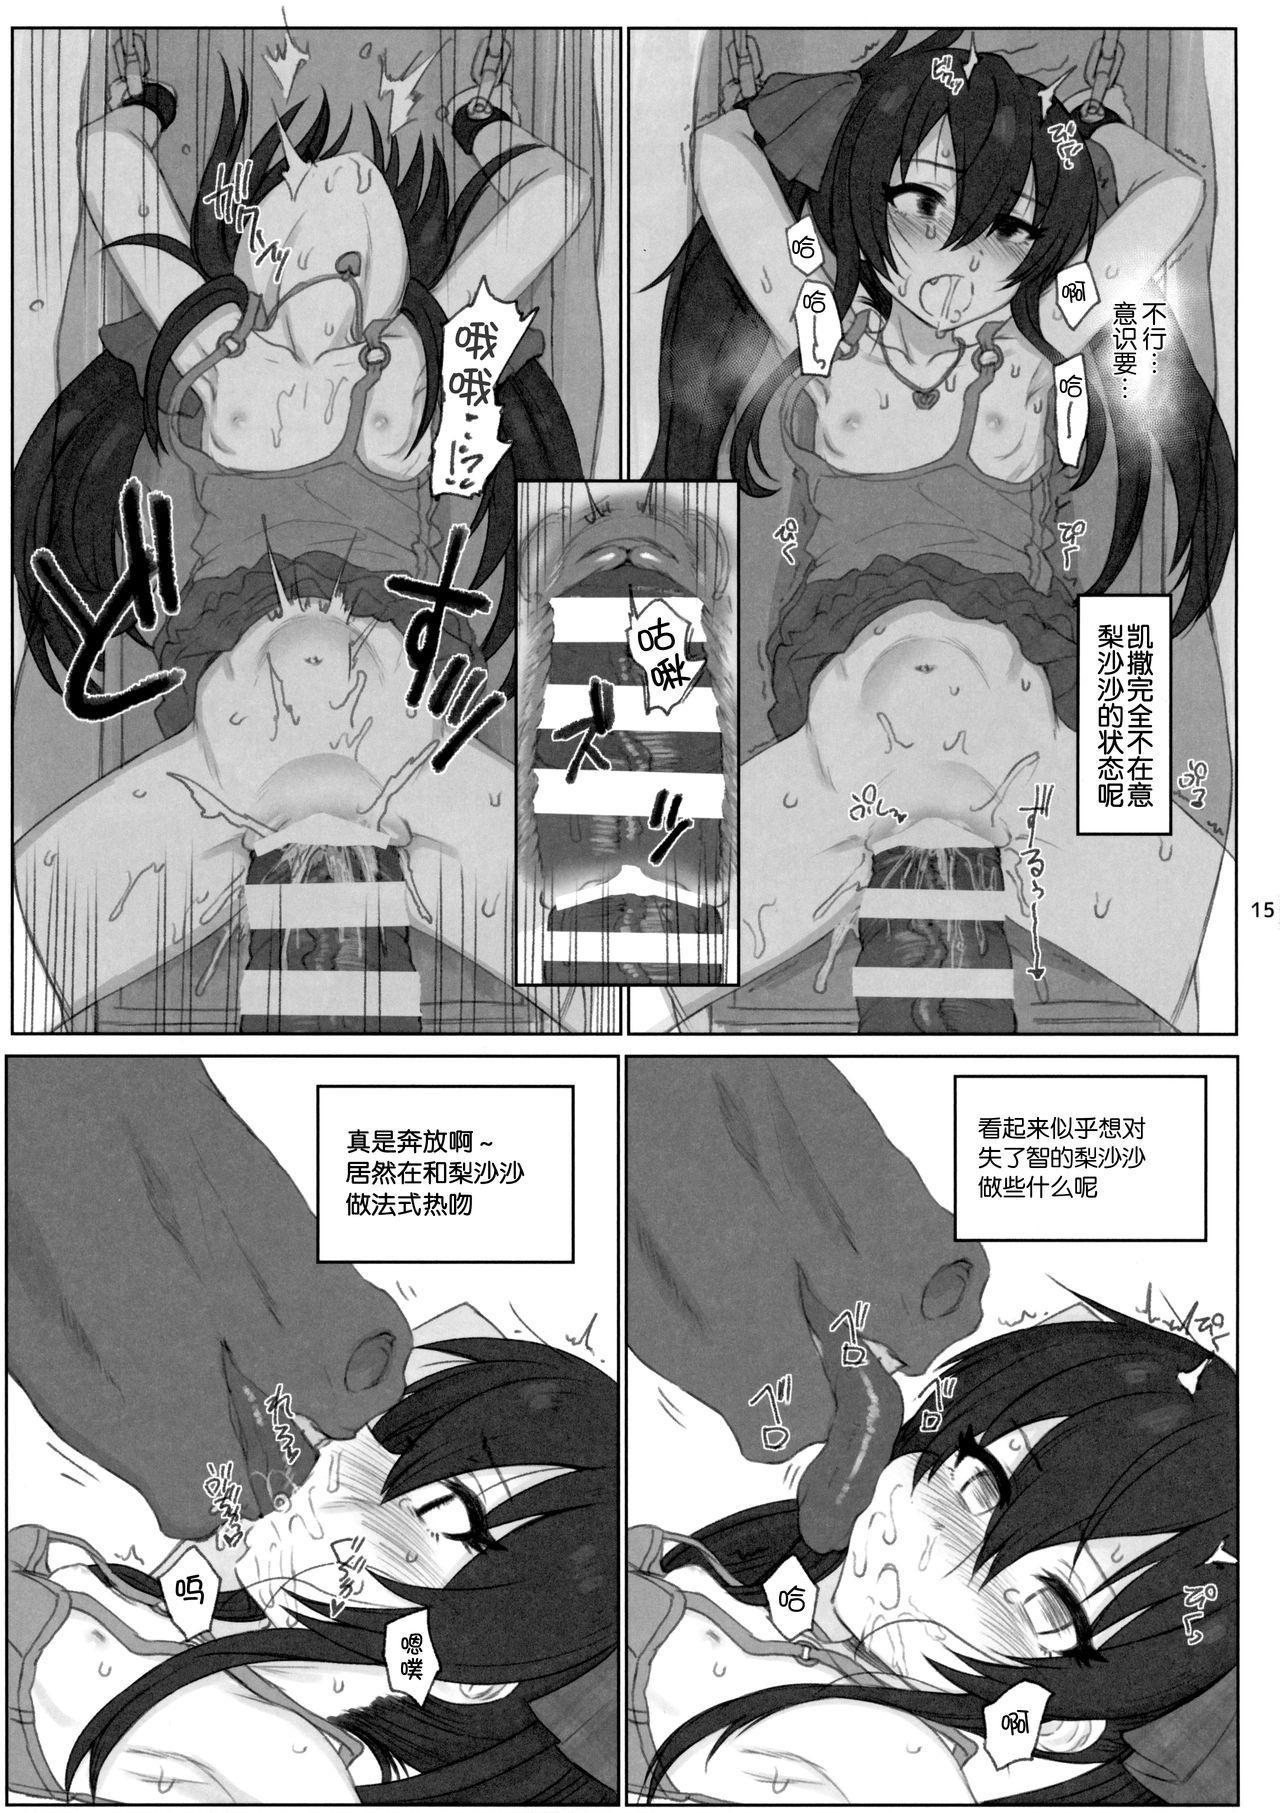 Matoba Risa-chan de Manabu Doubutsu no Koubi 14